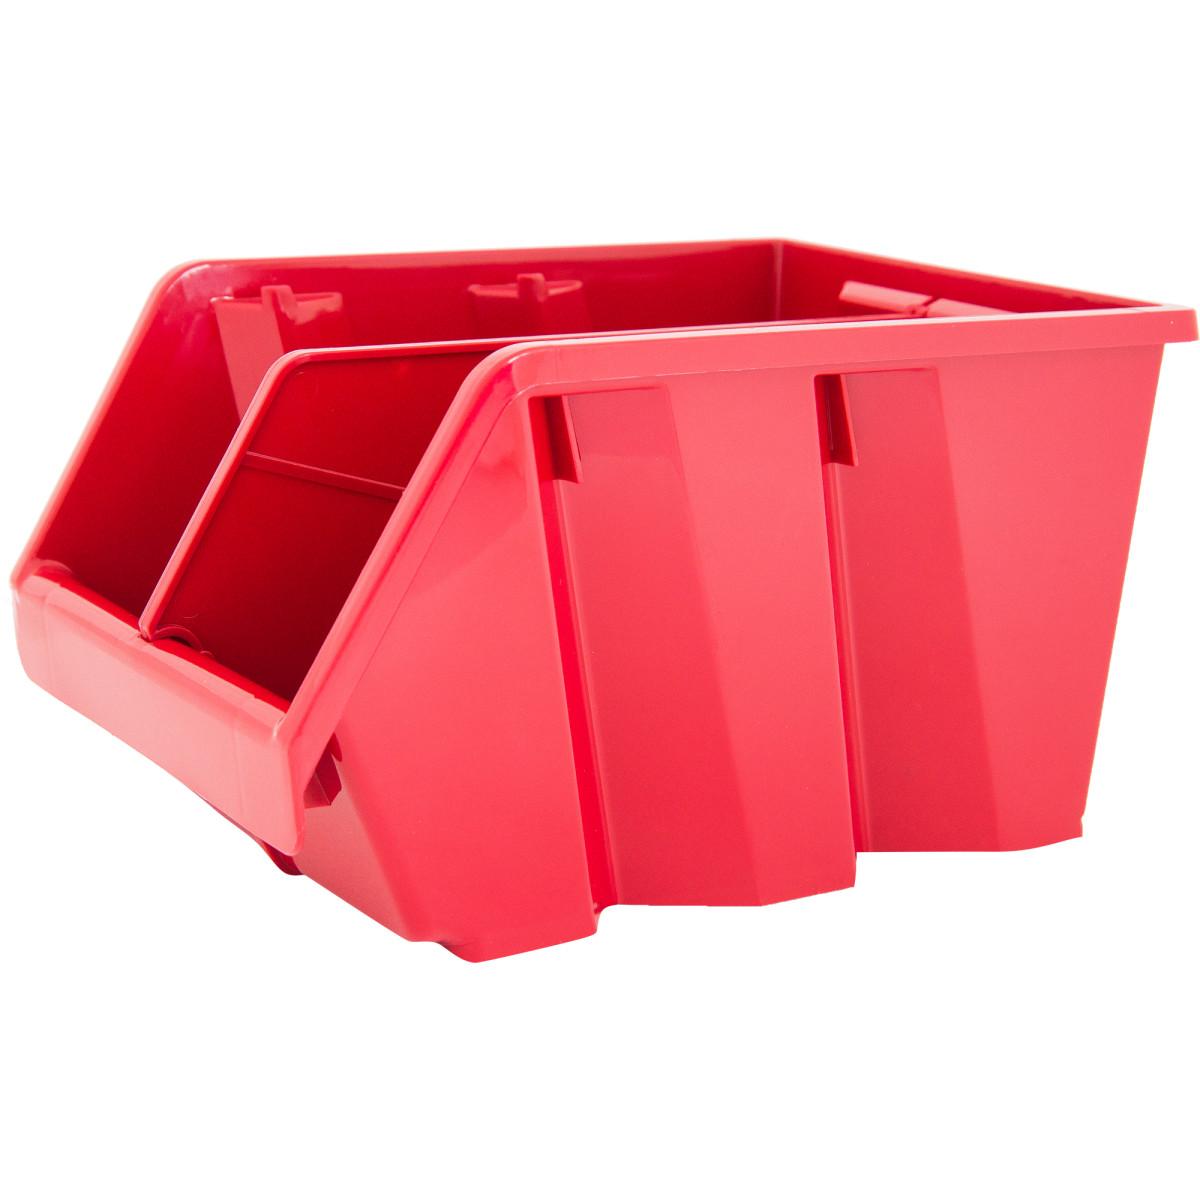 Лоток Volf 15.5х22.5х12.8 см пластик цвет красный